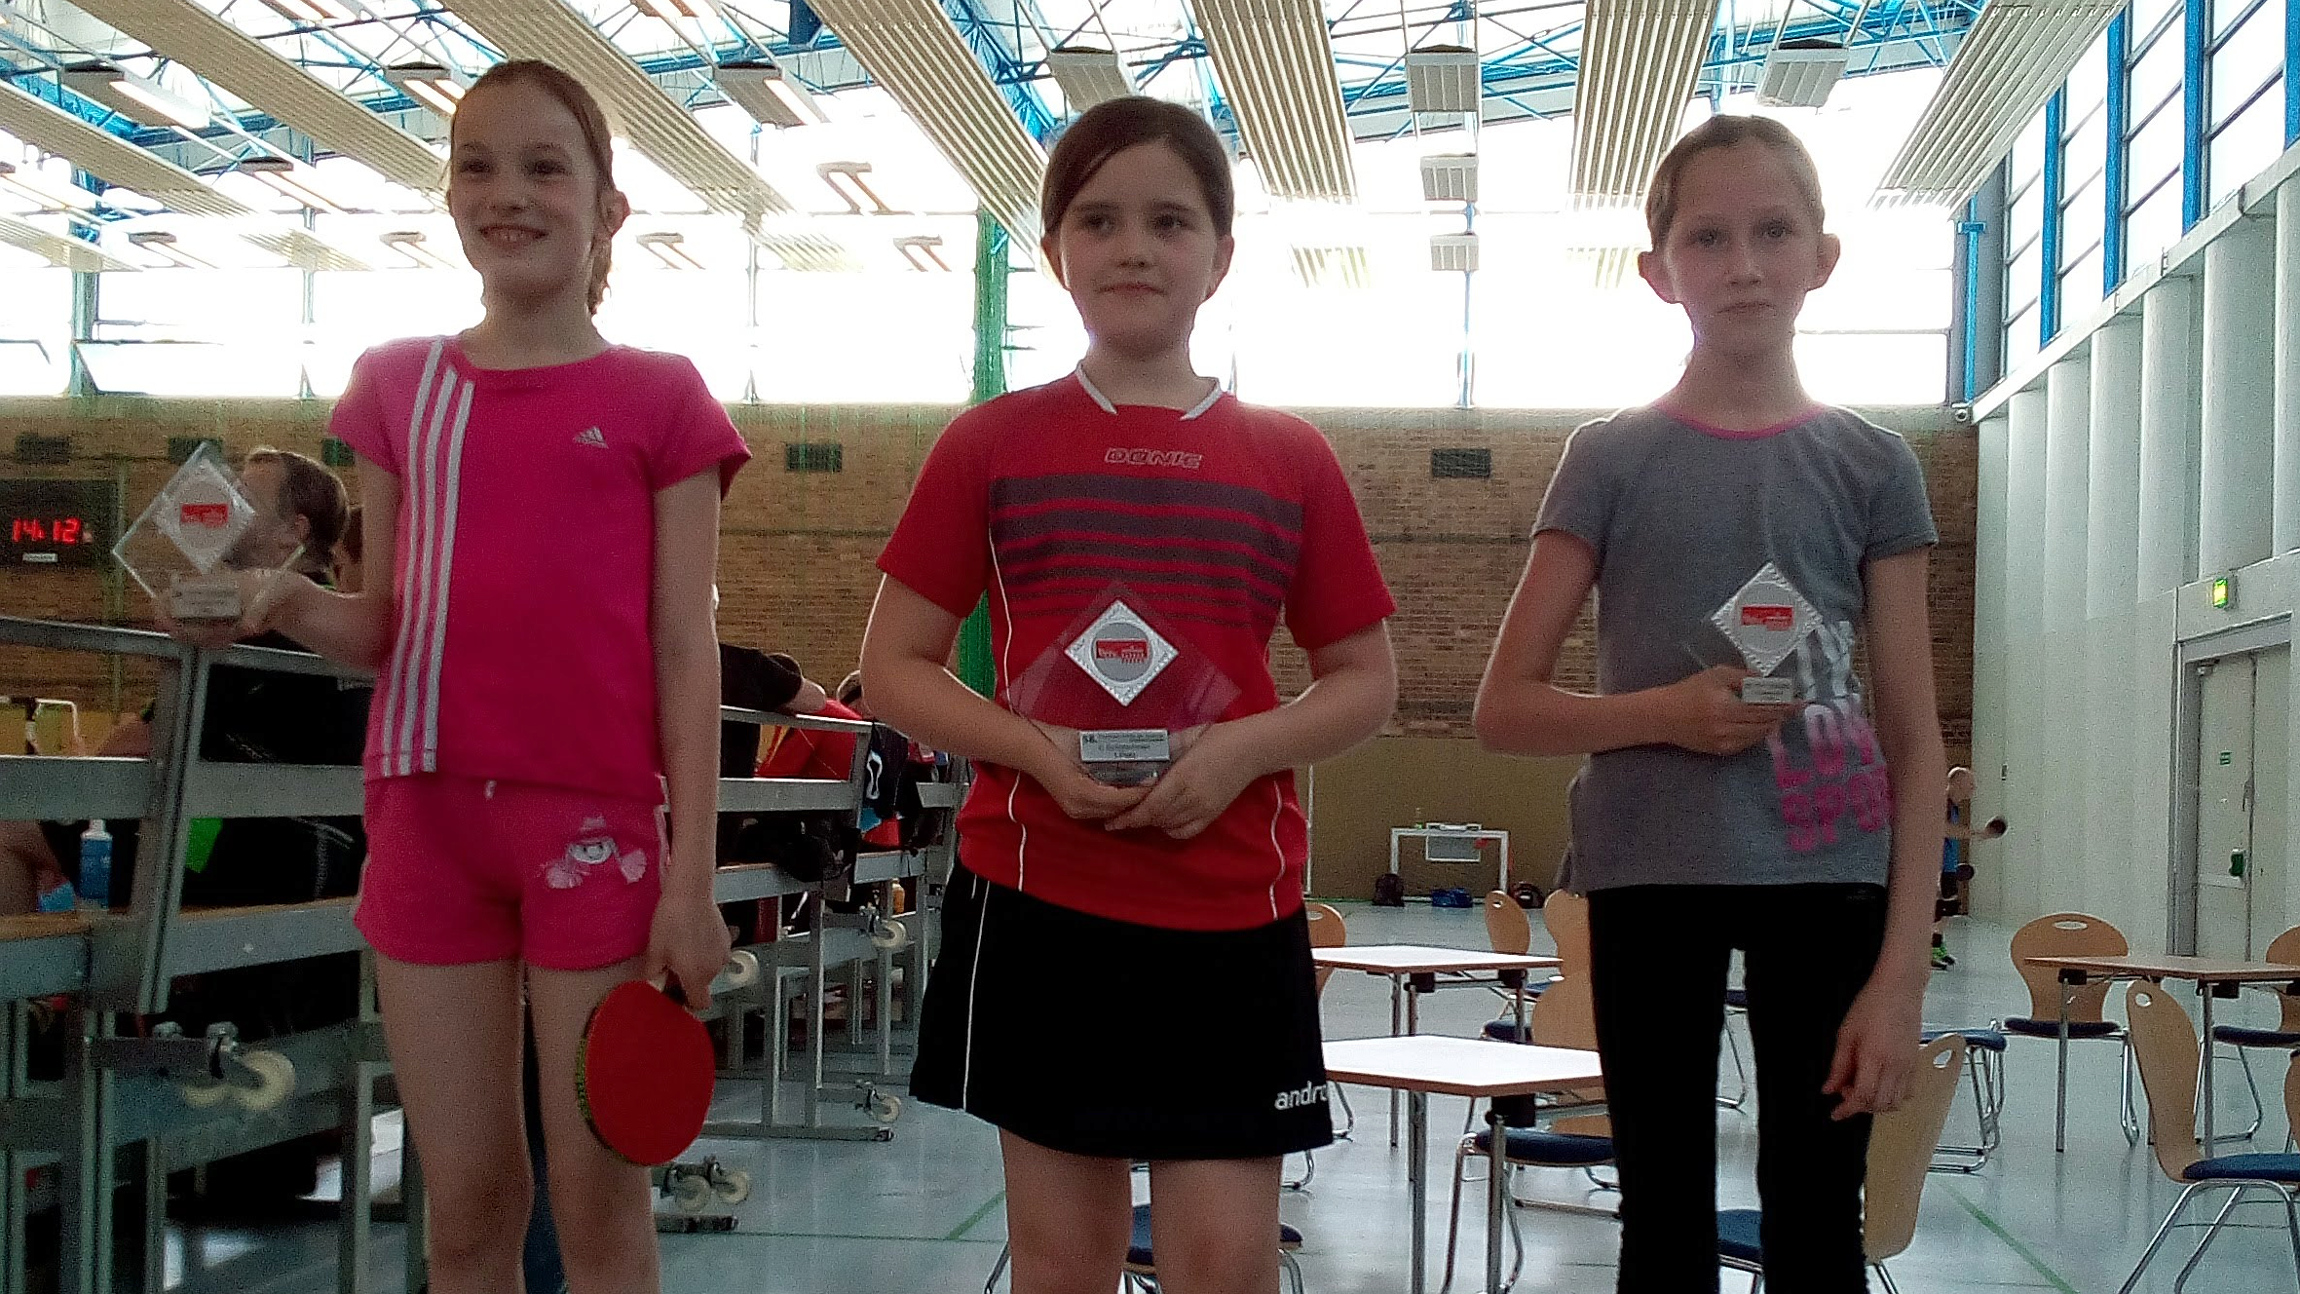 Siegerehrung der C-Schülerinnen beim 58. Tischtennis-Turnier der Tausende (TTT): Karla (Mitte) belegt den 1. Platz (Foto: P. Procházková)